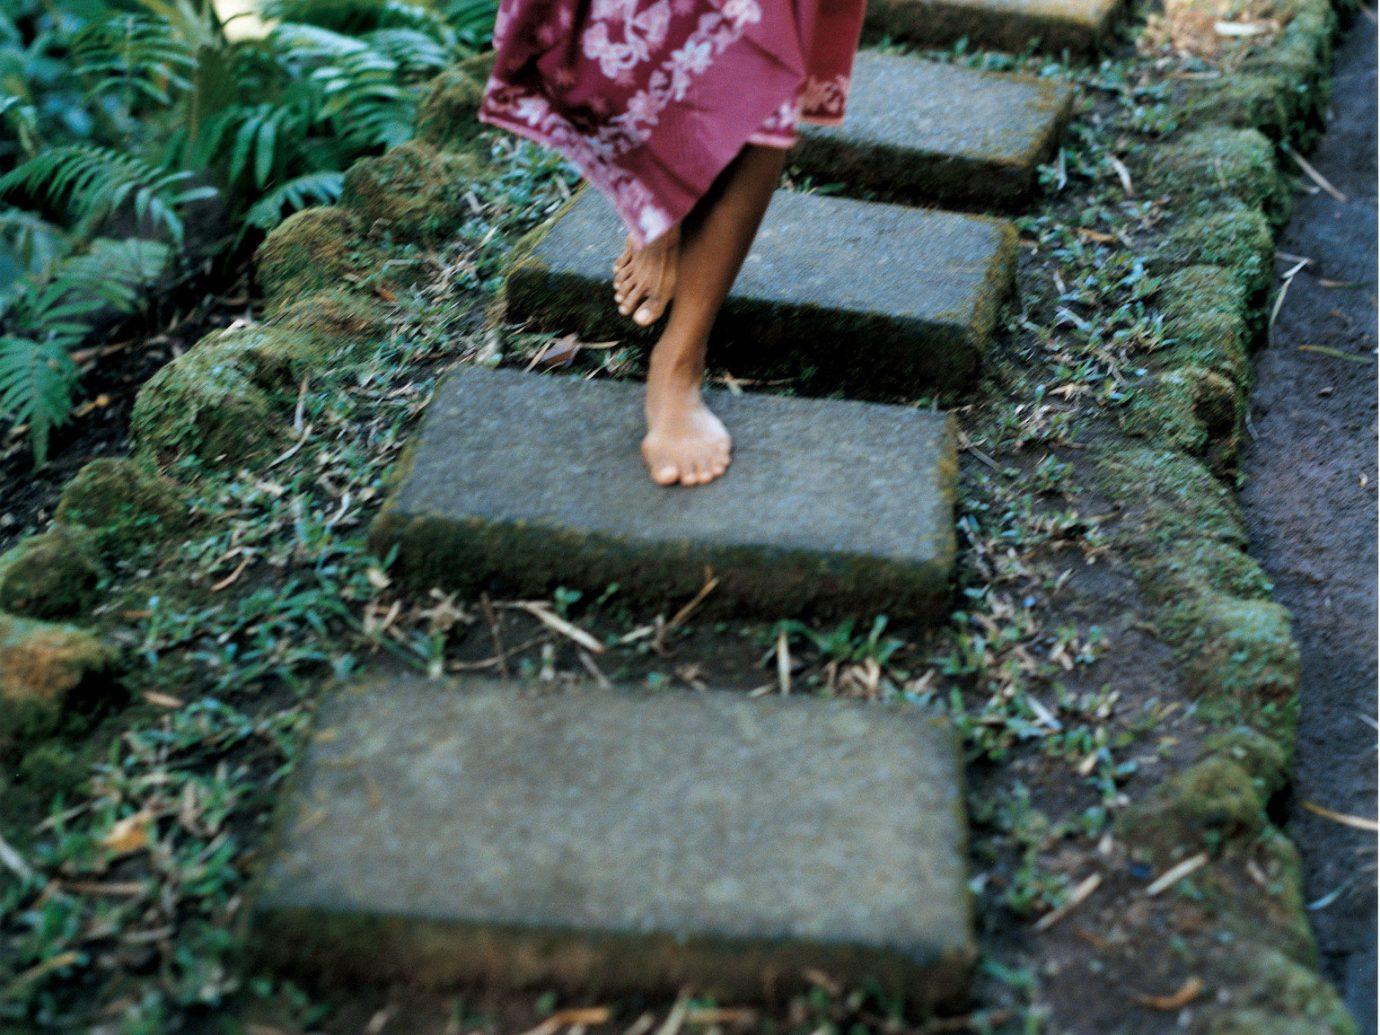 Health + Wellness Hotels Spa Retreats outdoor green Garden flower stone